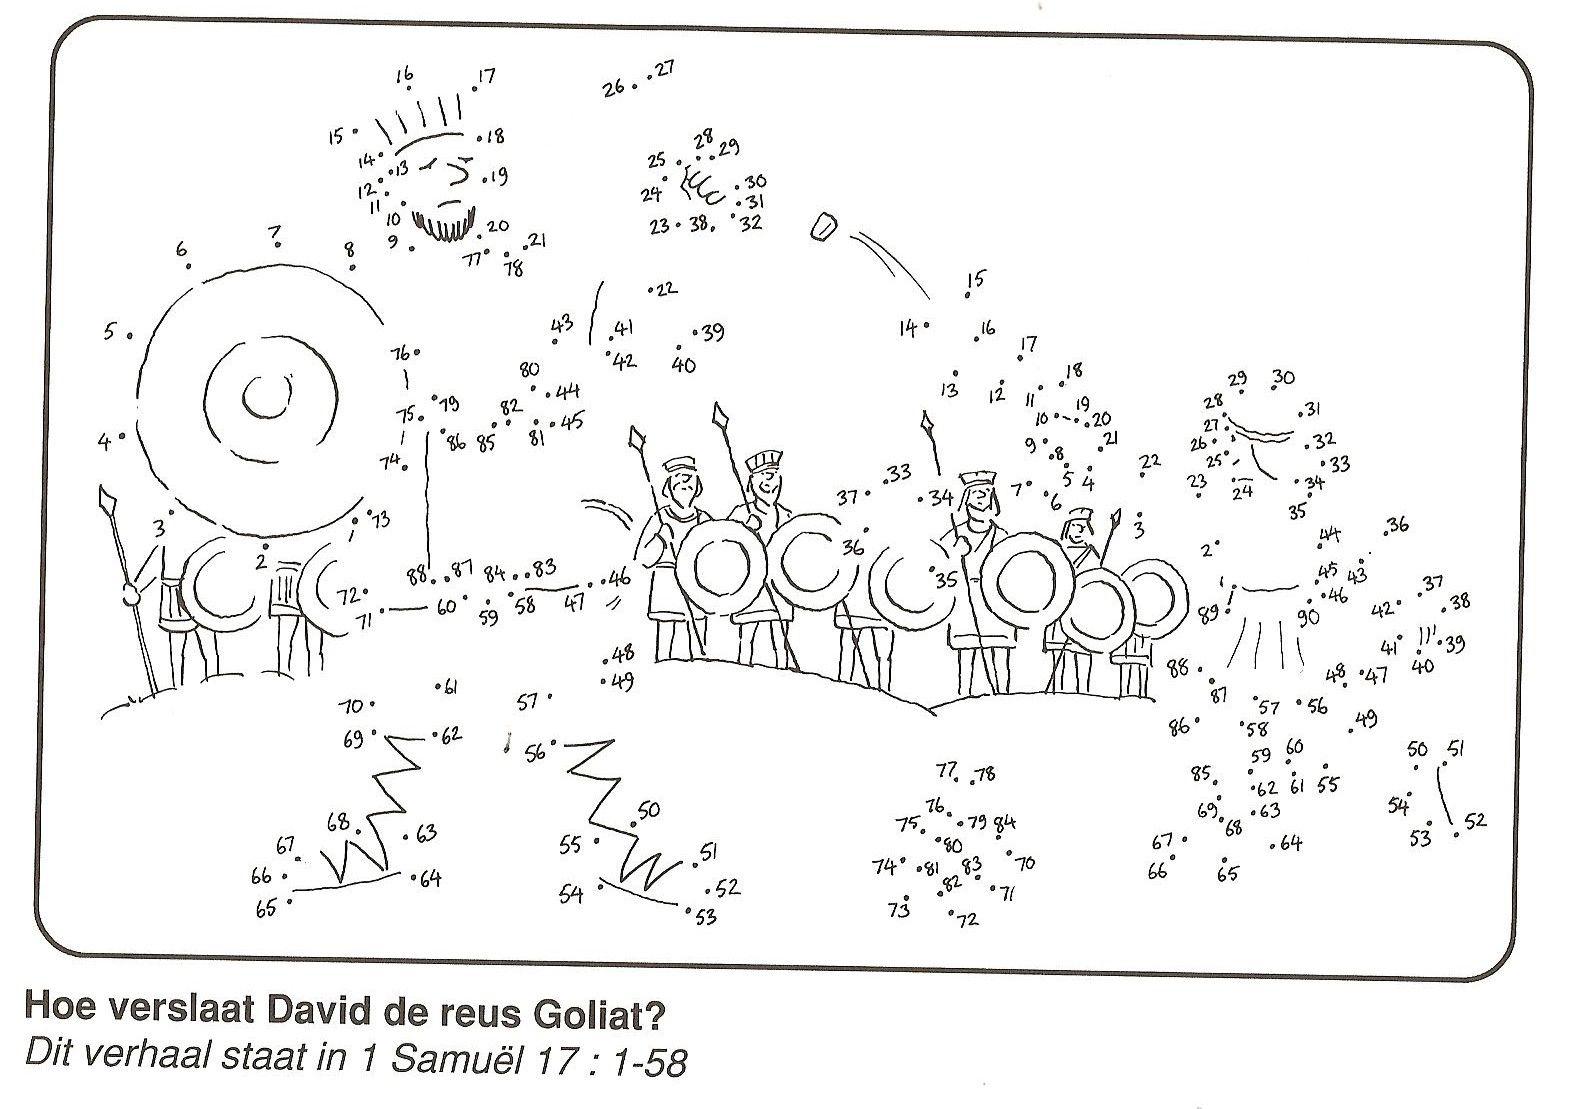 Hoe Verslaat David De Reus Goliat? Van Stip Naar Stip